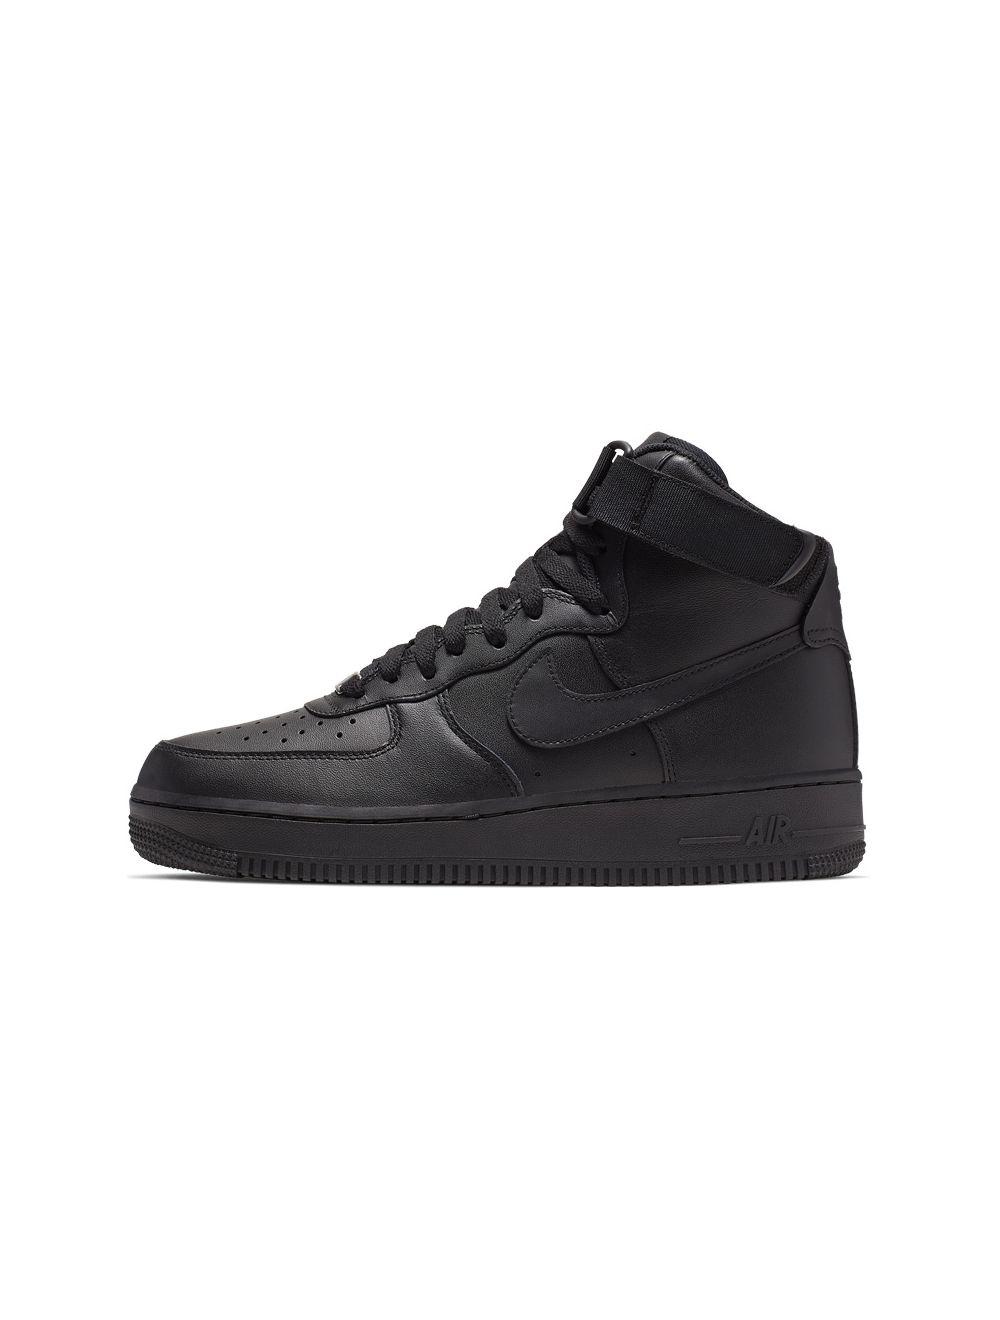 Noroeste Exactitud negar  Nike Air Force 1 Hi Womens Sneakers Black Black